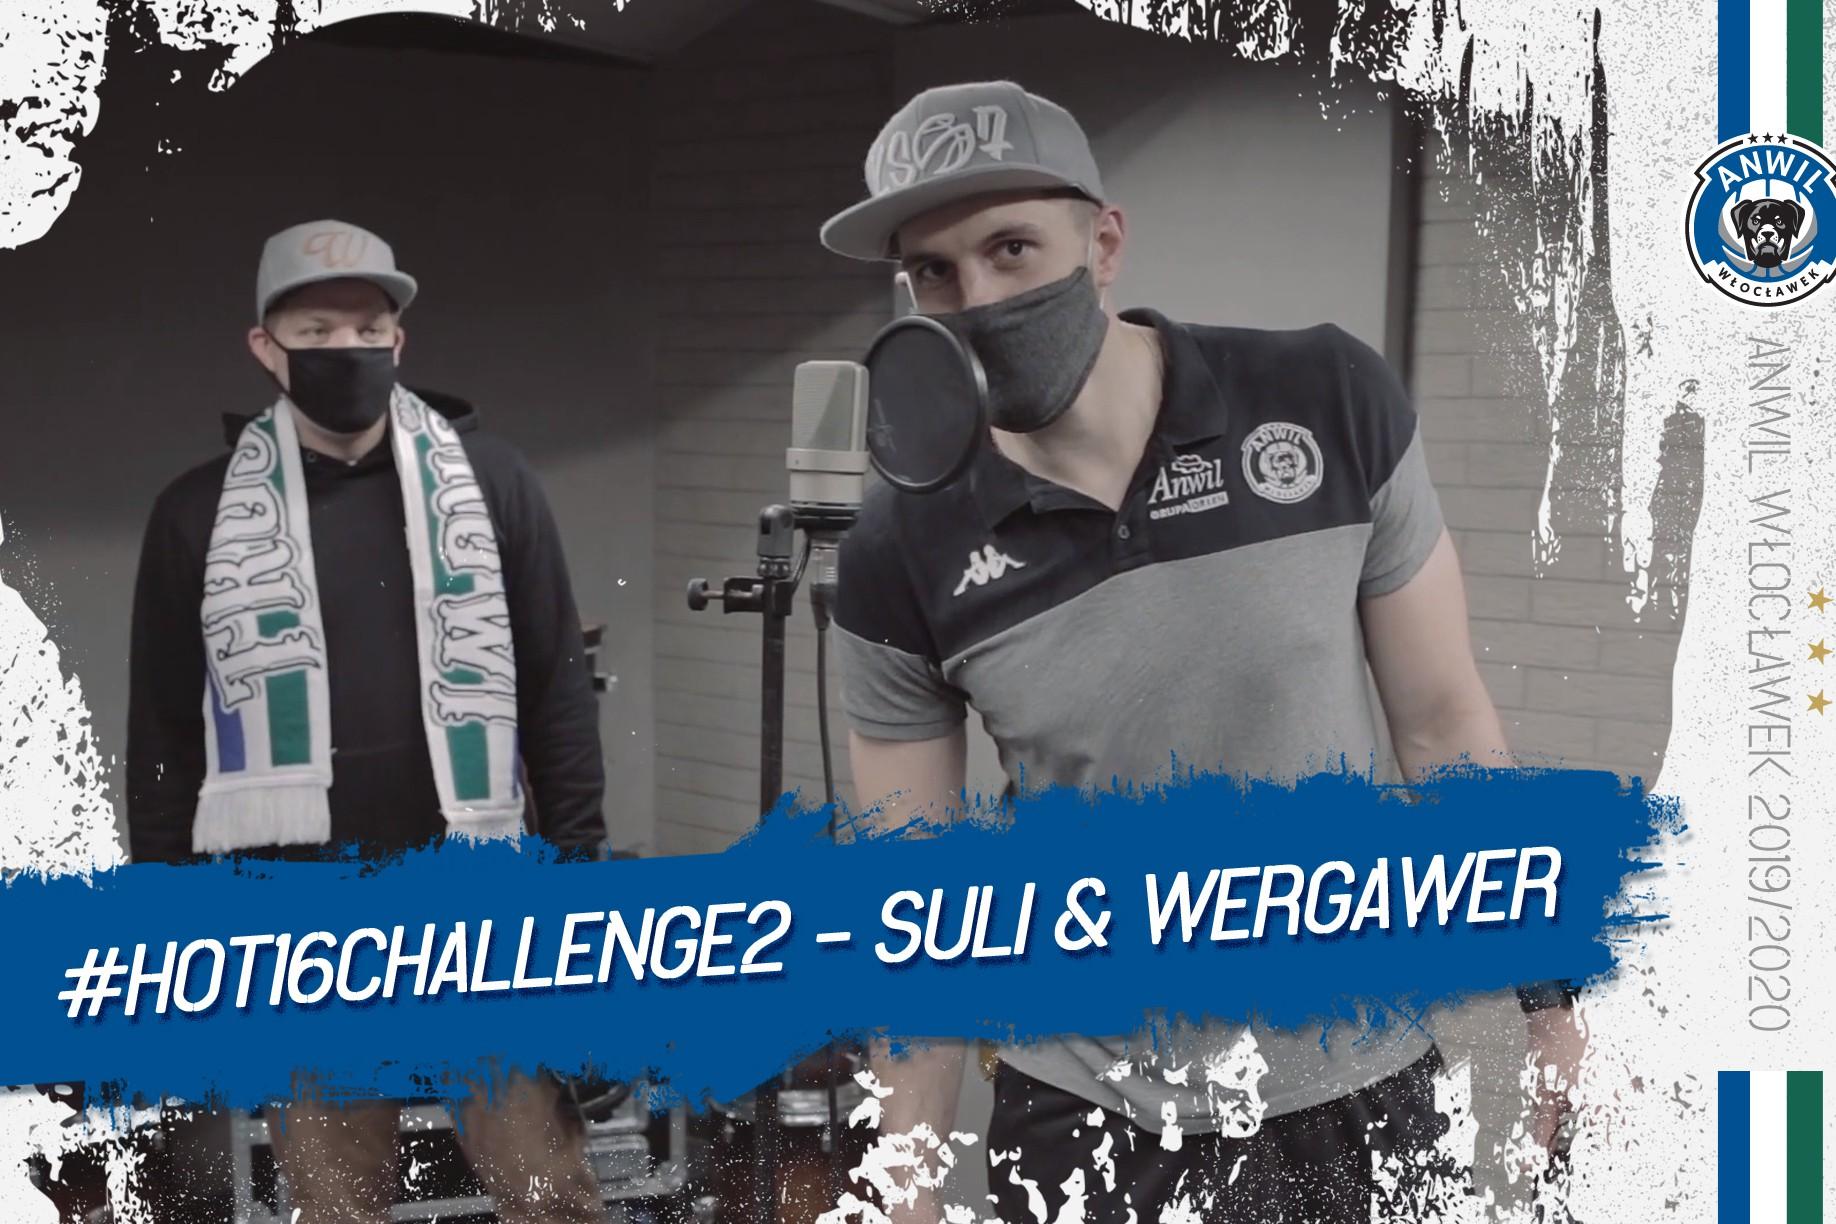 #Hot16Challenge2 wspólnymi siłami KK Włocławek i kibiców Anwilu